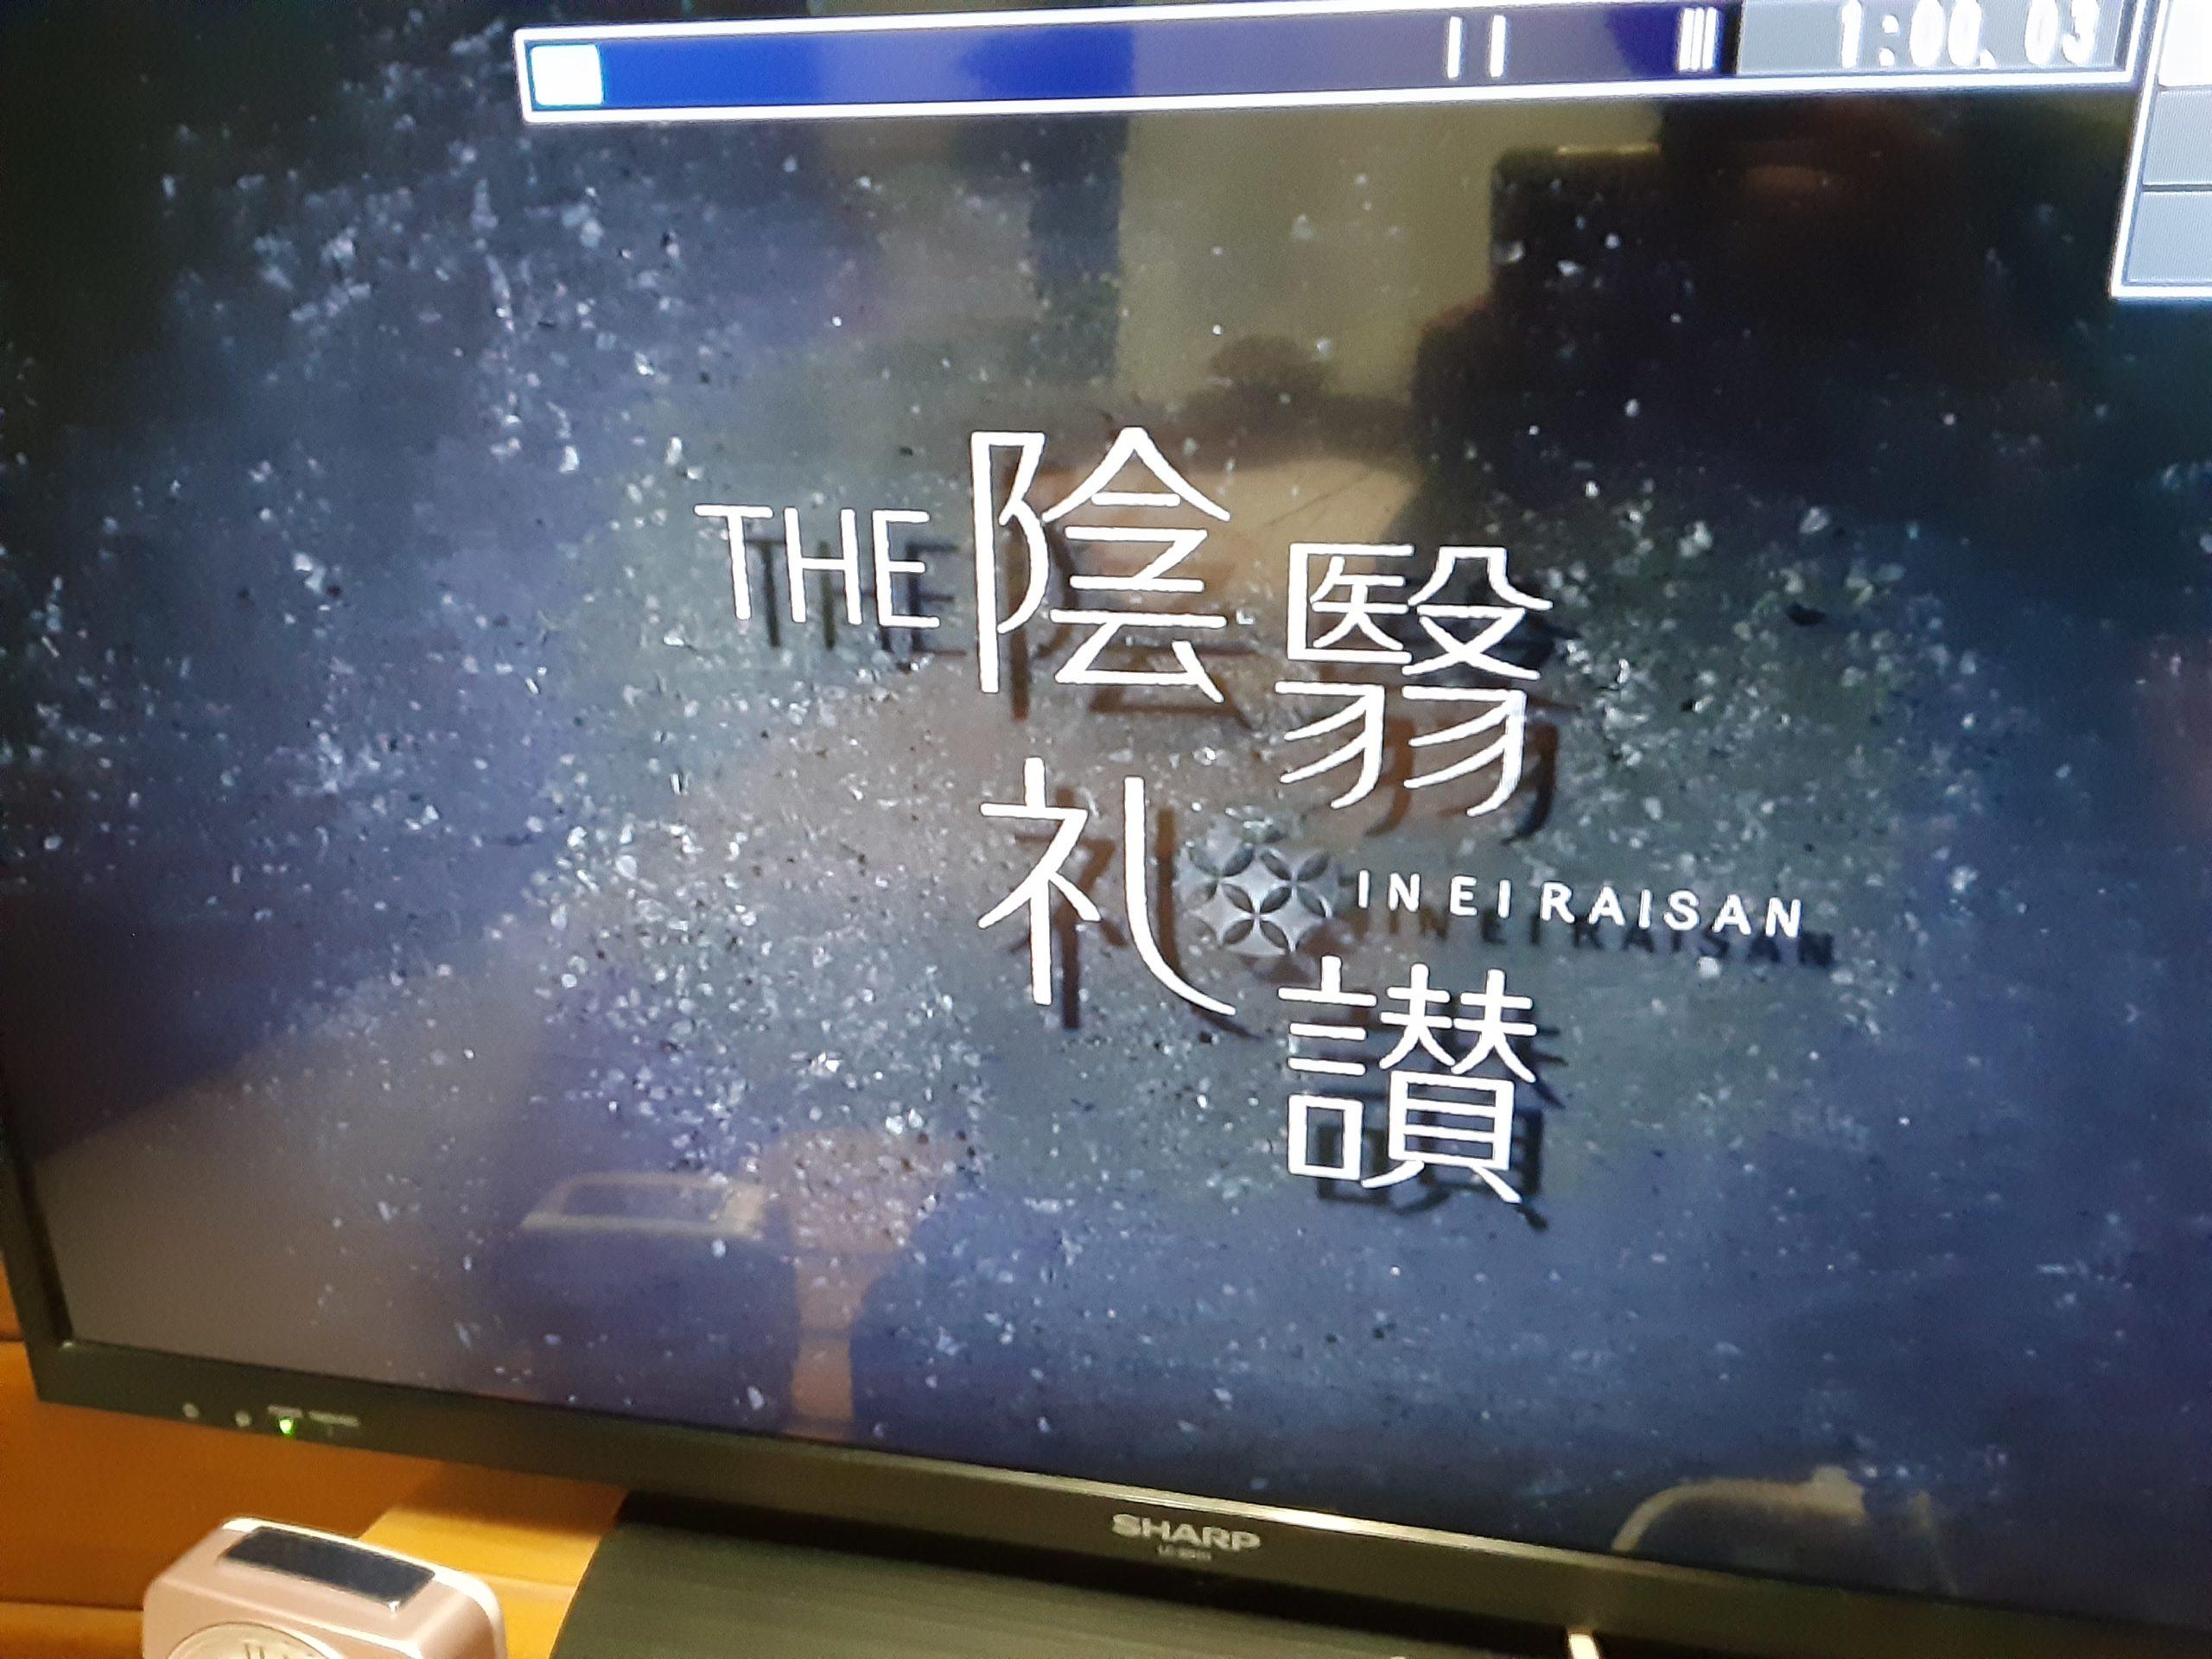 『陰翳礼讃』(谷崎潤一郎)のテレビを見て・・・・・。